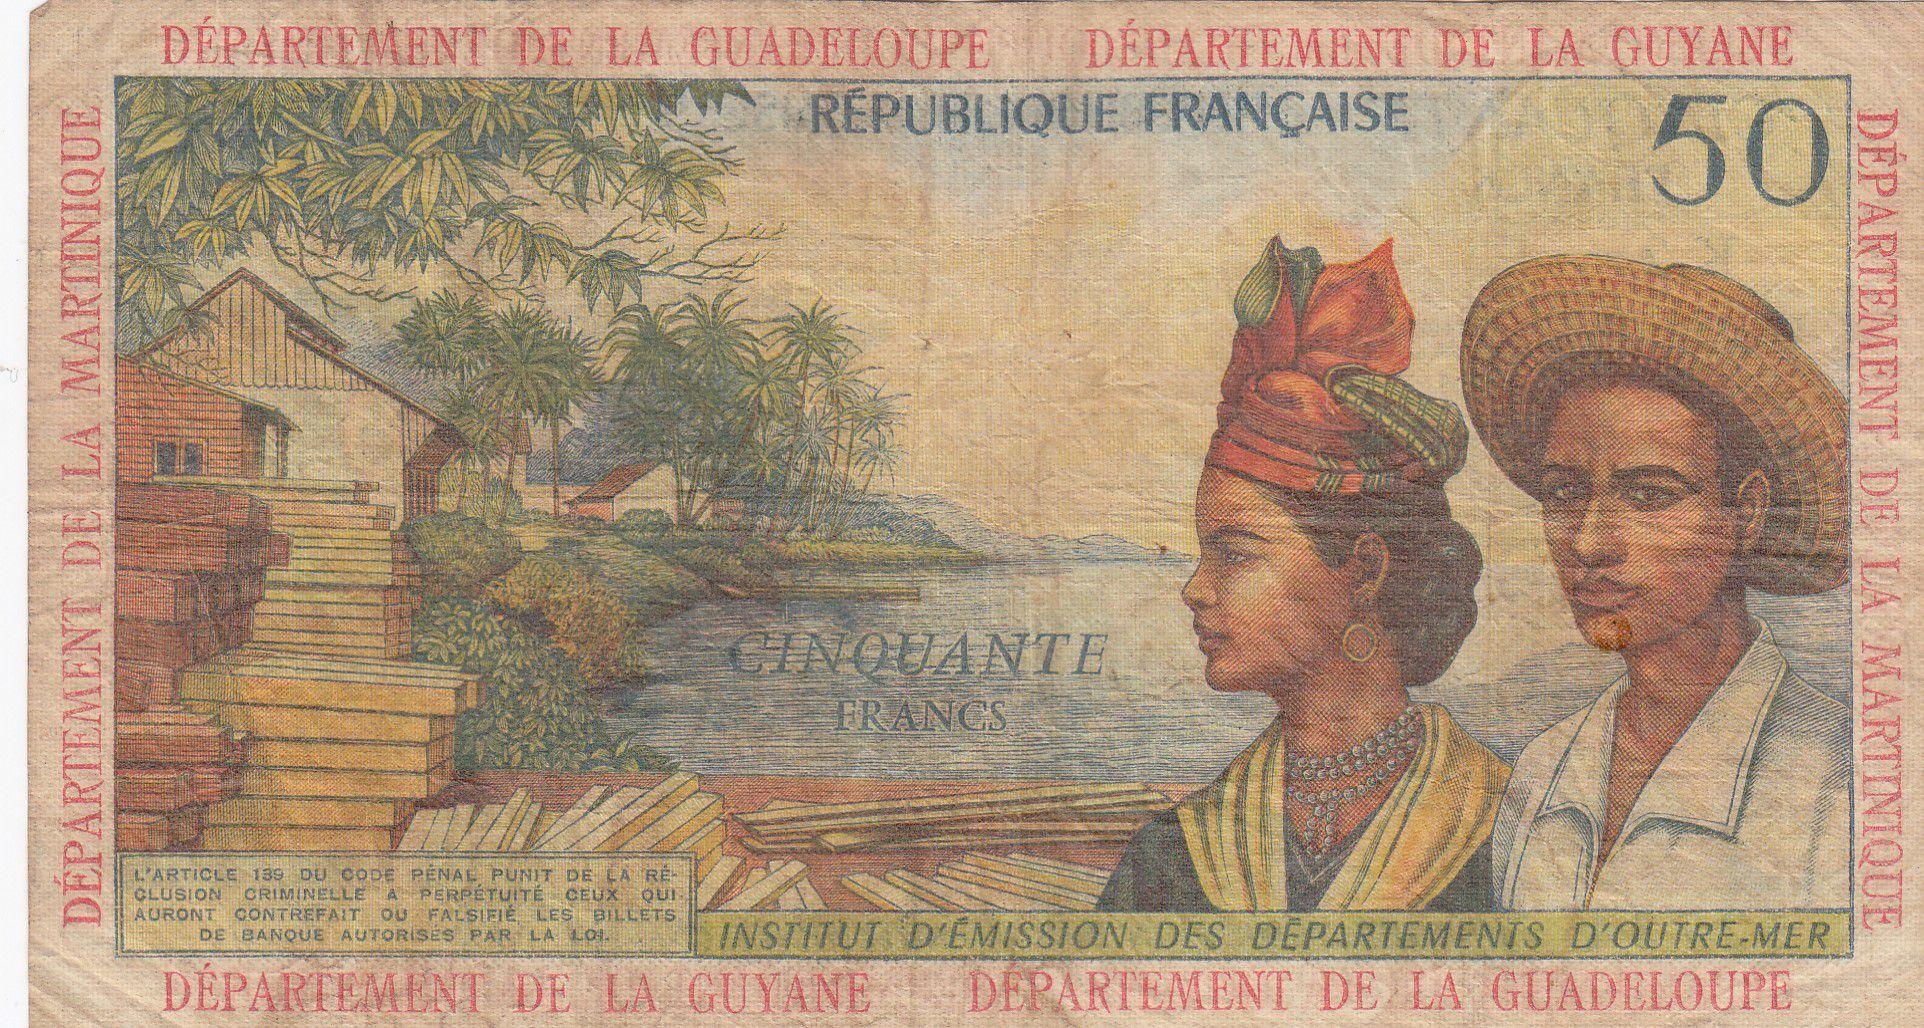 Antilles Françaises 50 Francs Bananiers - 1964 - Série K.2 - TB - P.9 b